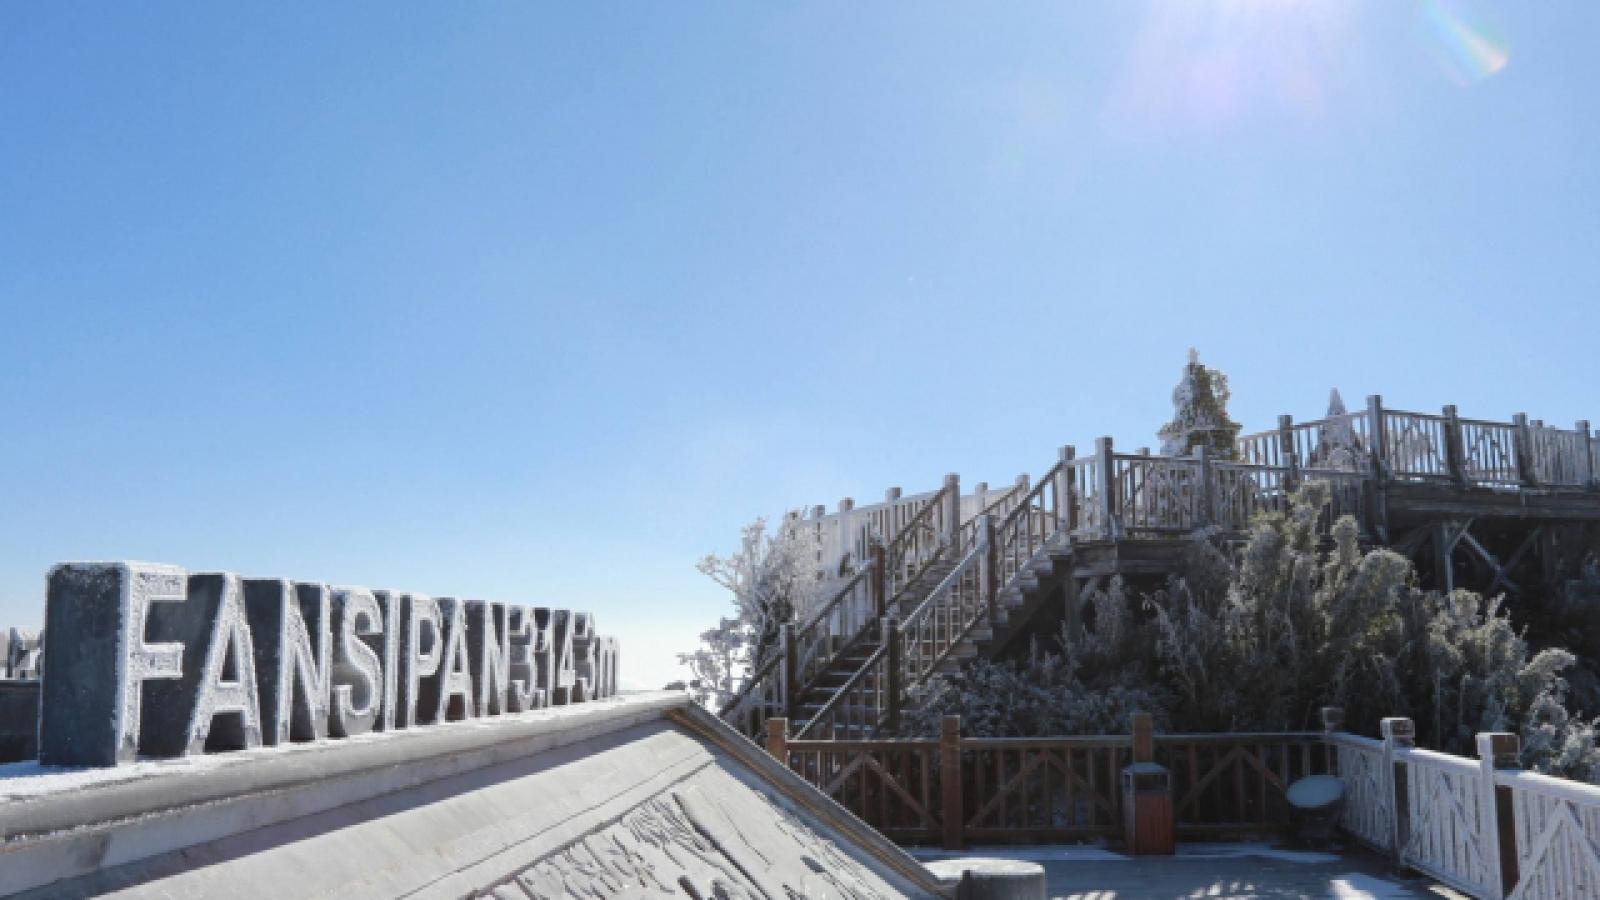 Du khách đổ xô lên đỉnh Fansipan chờ ngắm băng tuyết